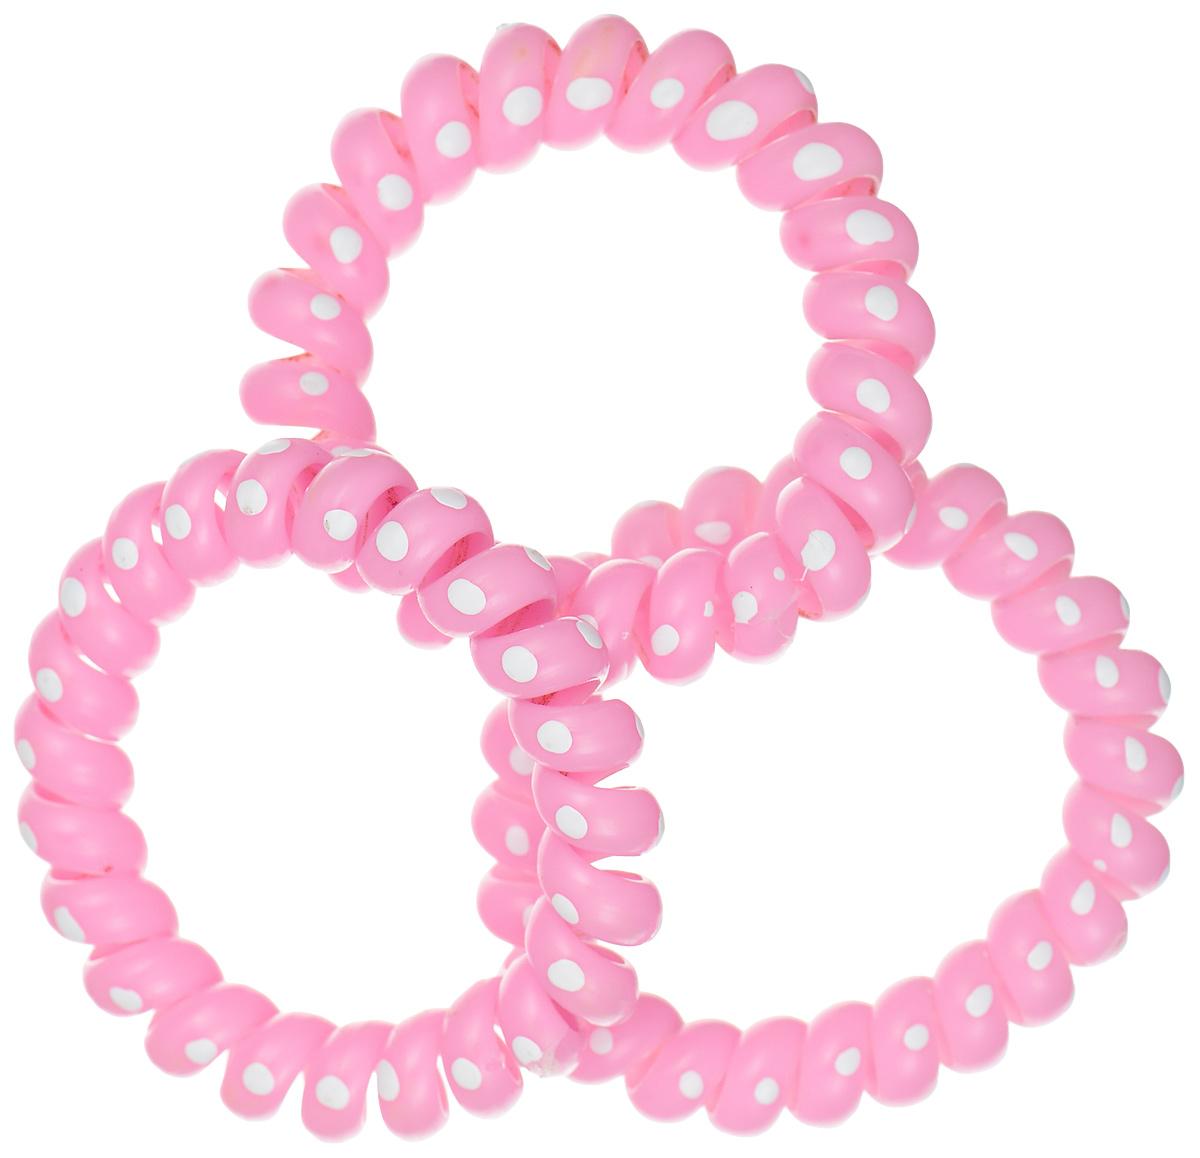 Резинка-браслетдляволос Mitya Veselkov, цвет: розовый, 3 шт. REZ2-NEZHPIN резинки mitya veselkov резинка для волос